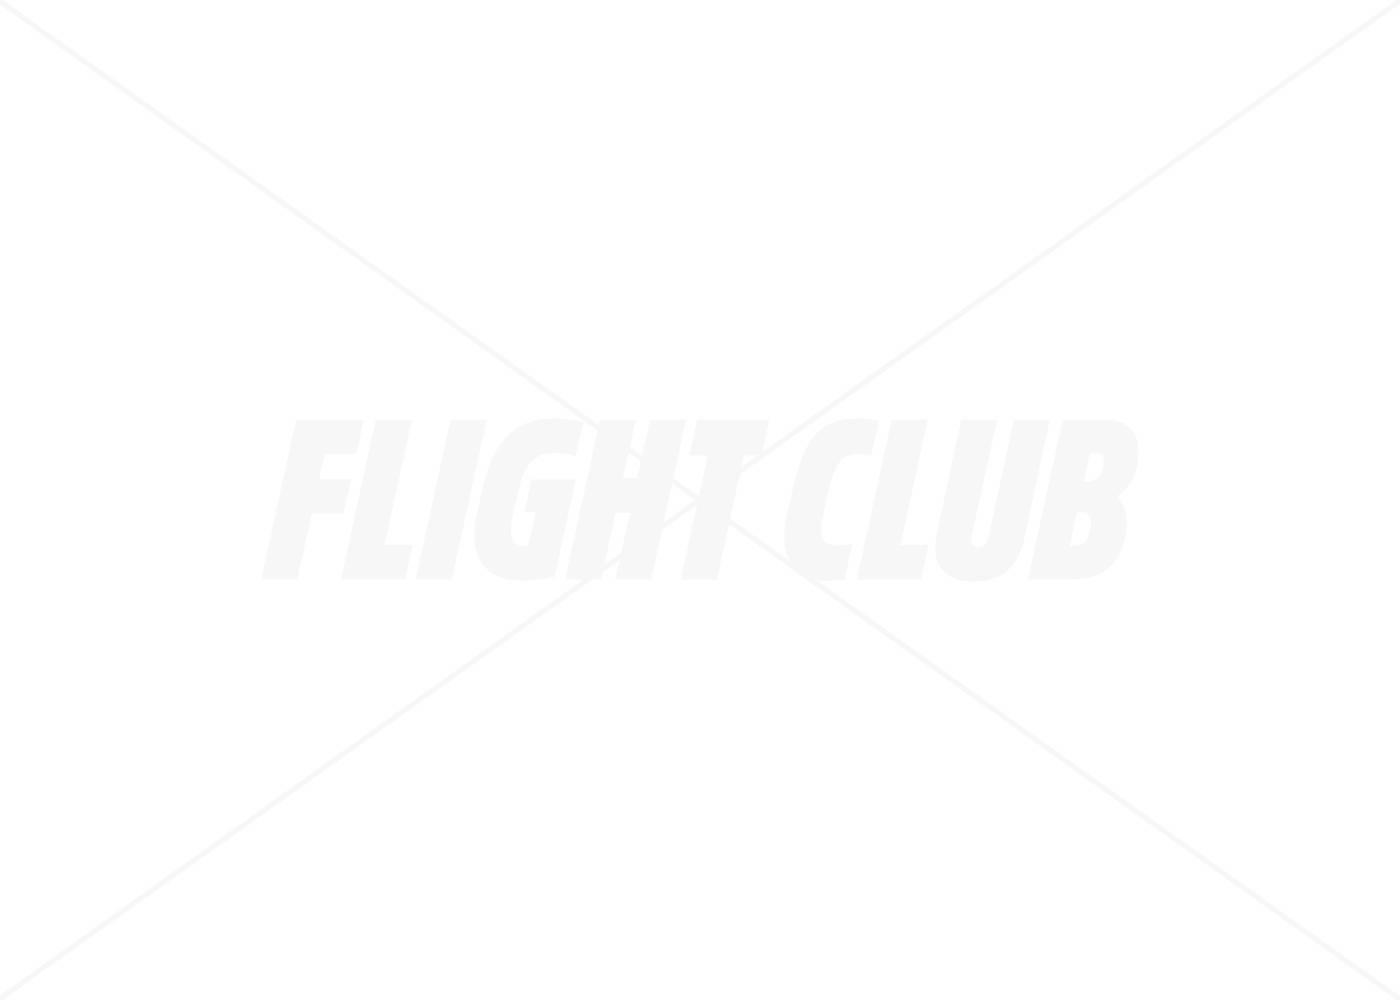 """360c676a ... adidas Yeezy BOOST 350 V2 """"Antlia + Synth Reflective"""" ..."""